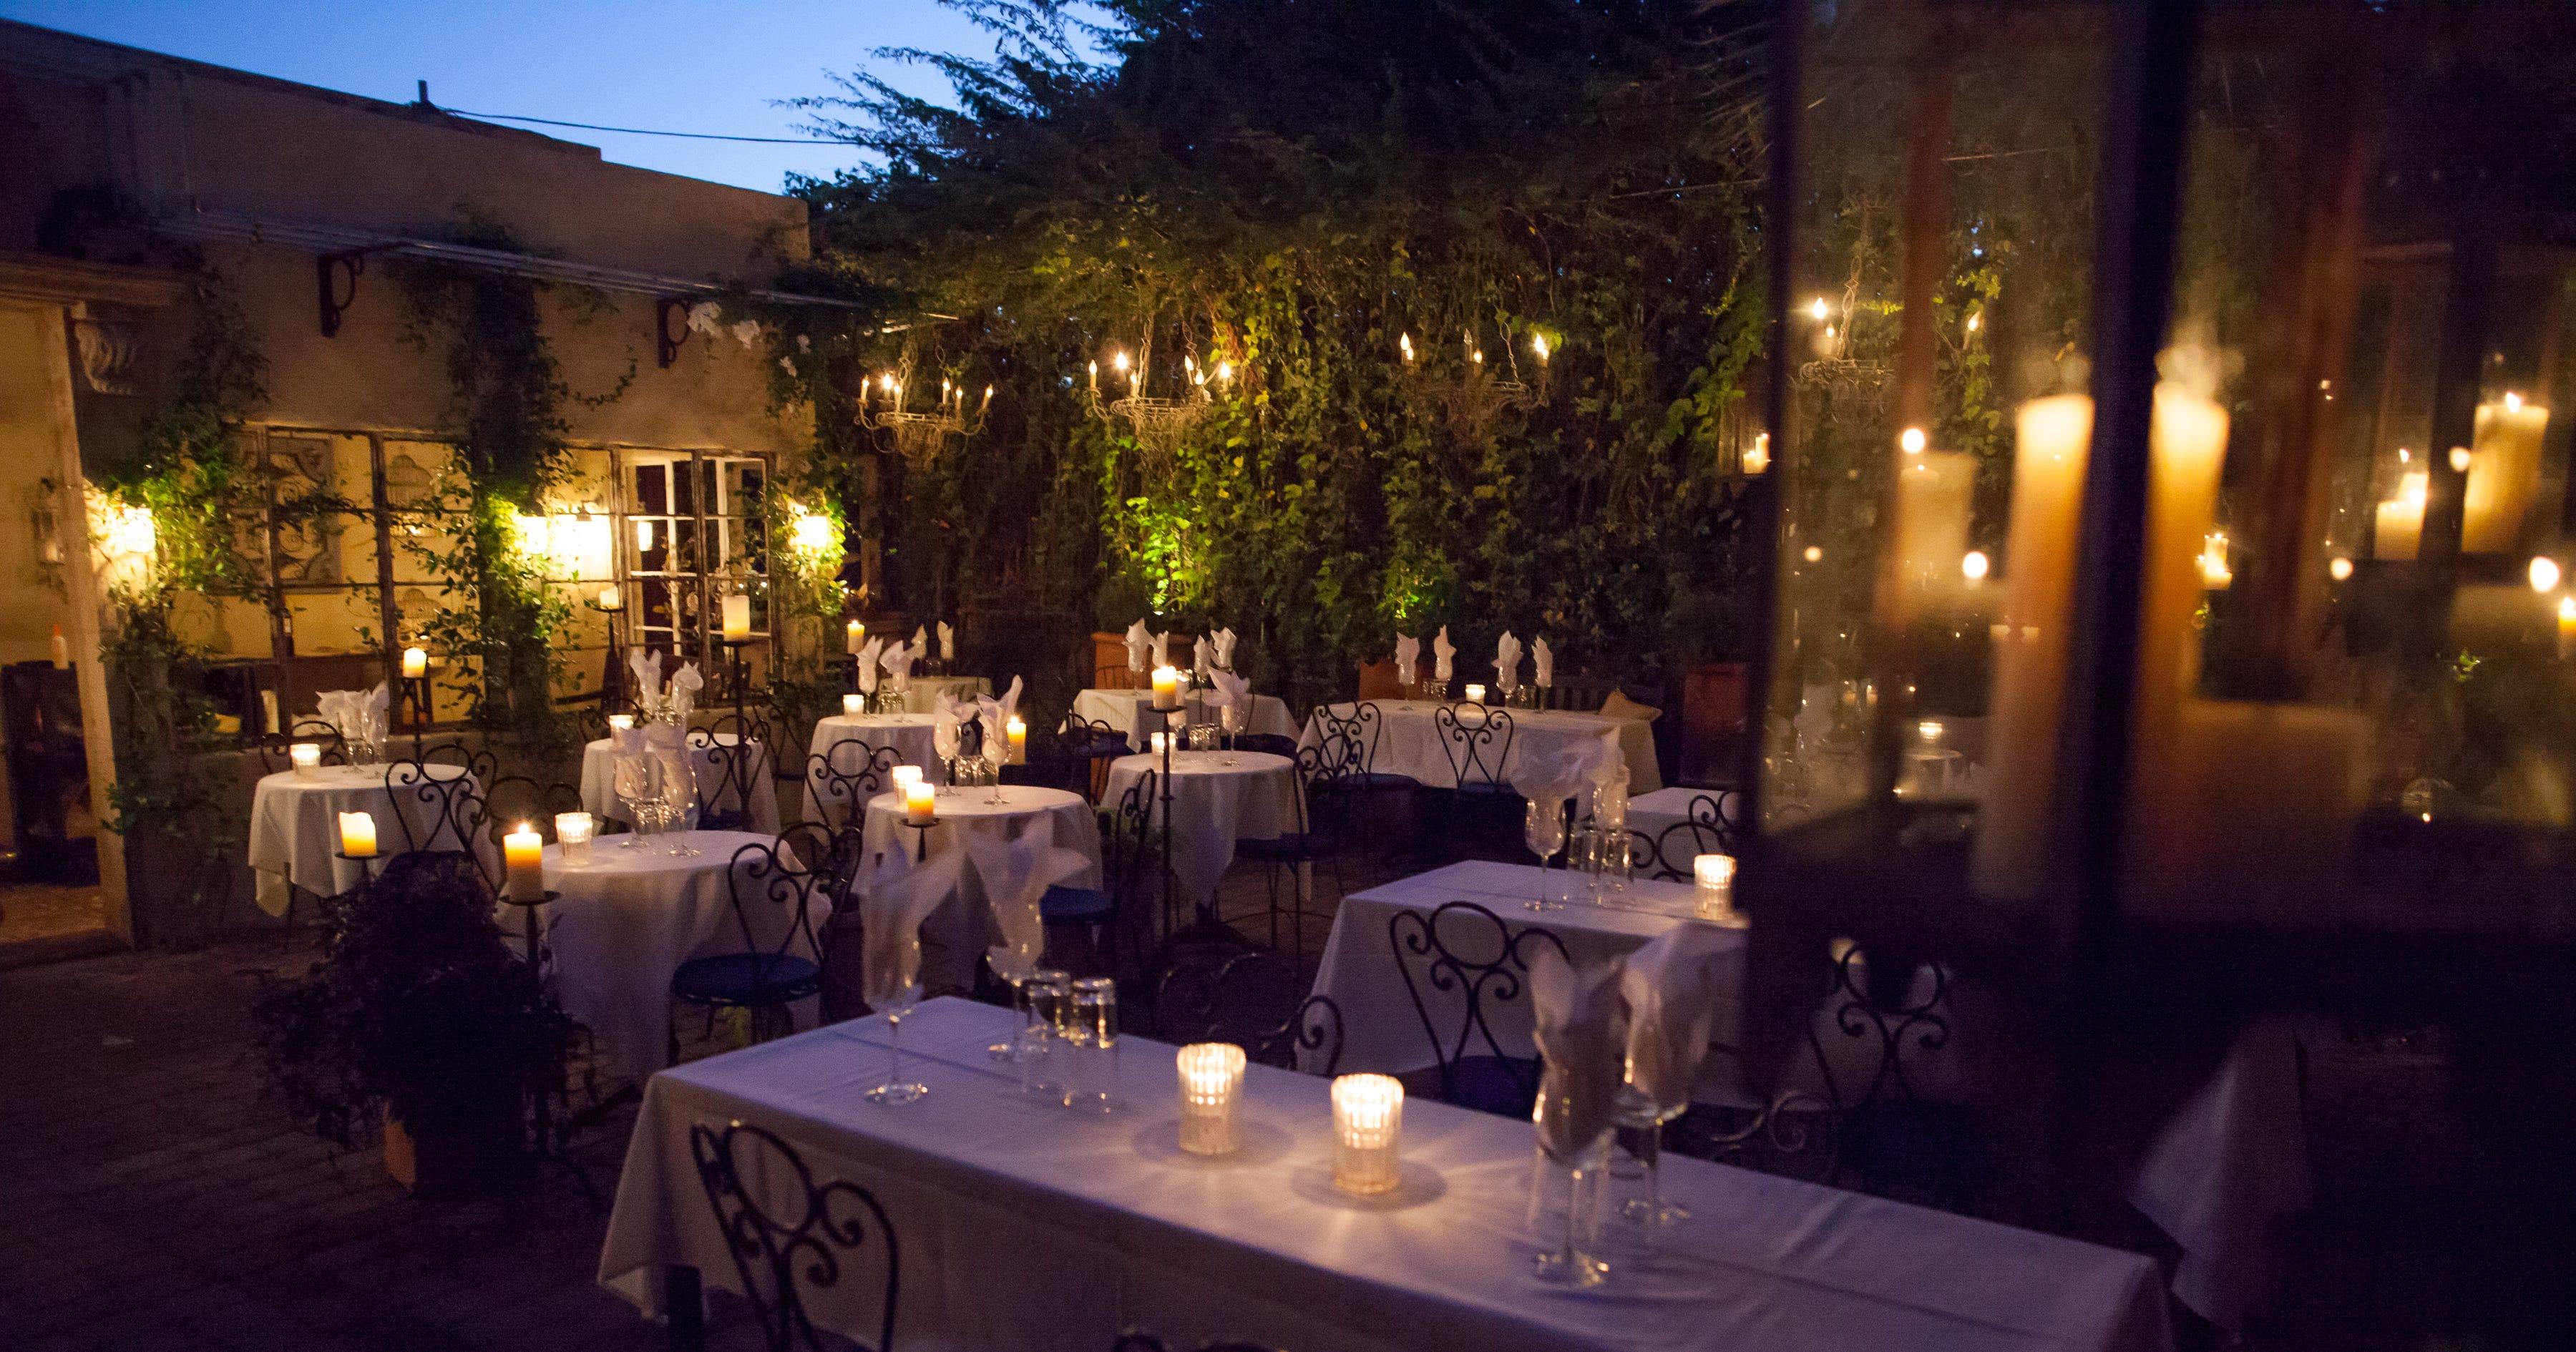 Dinner Restaurants Near Me Open